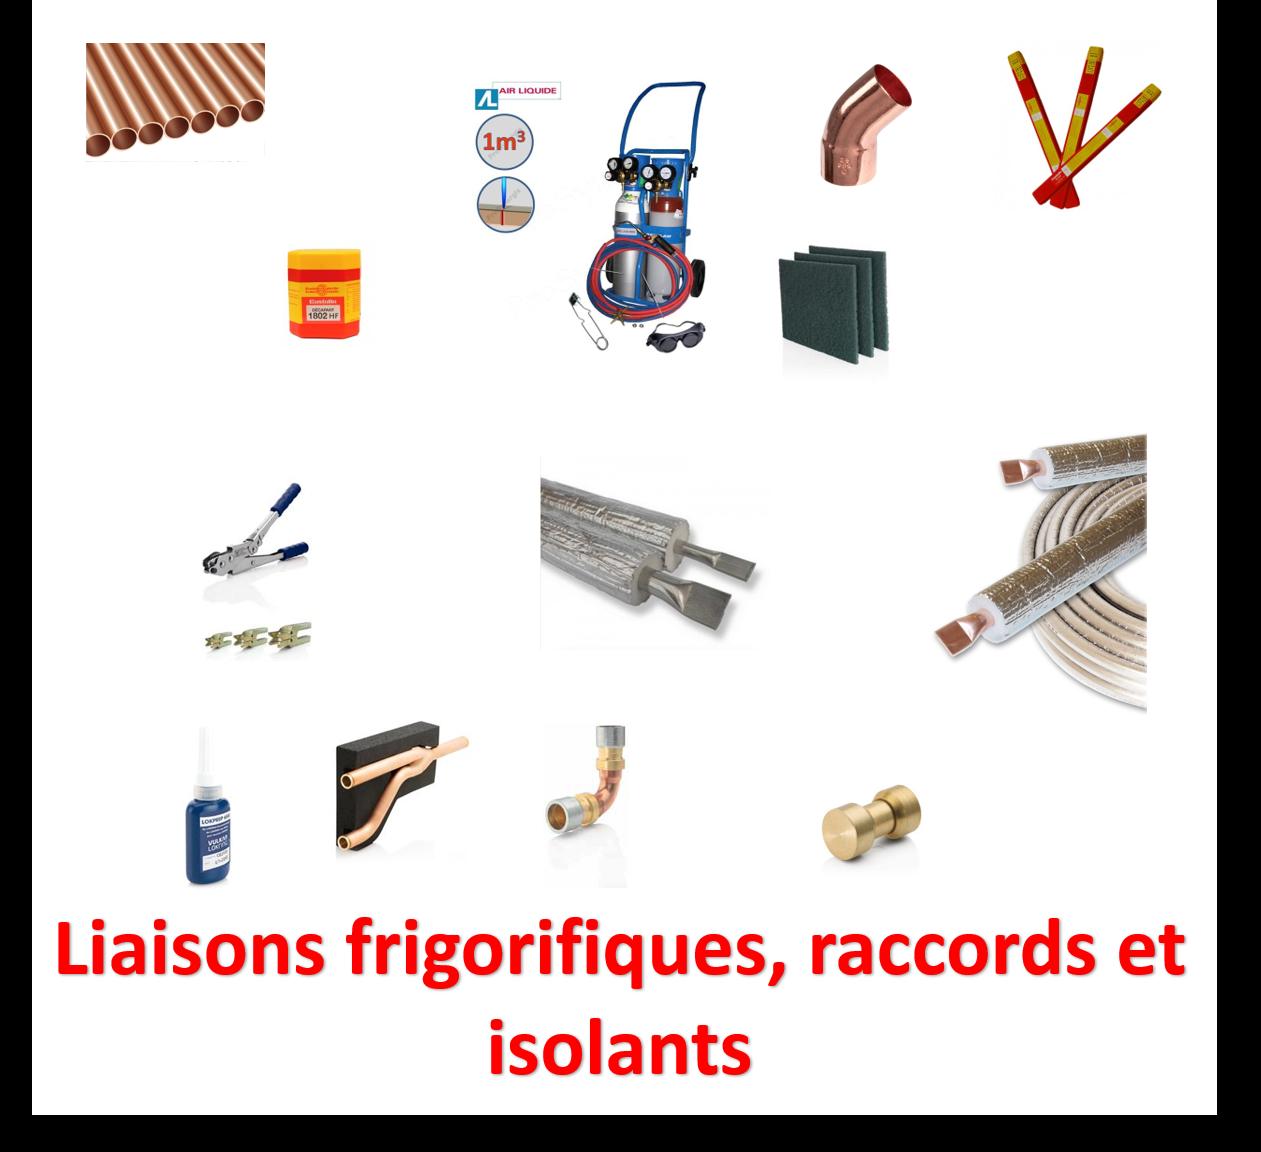 Liaisons frigorifiques, raccords et isolants